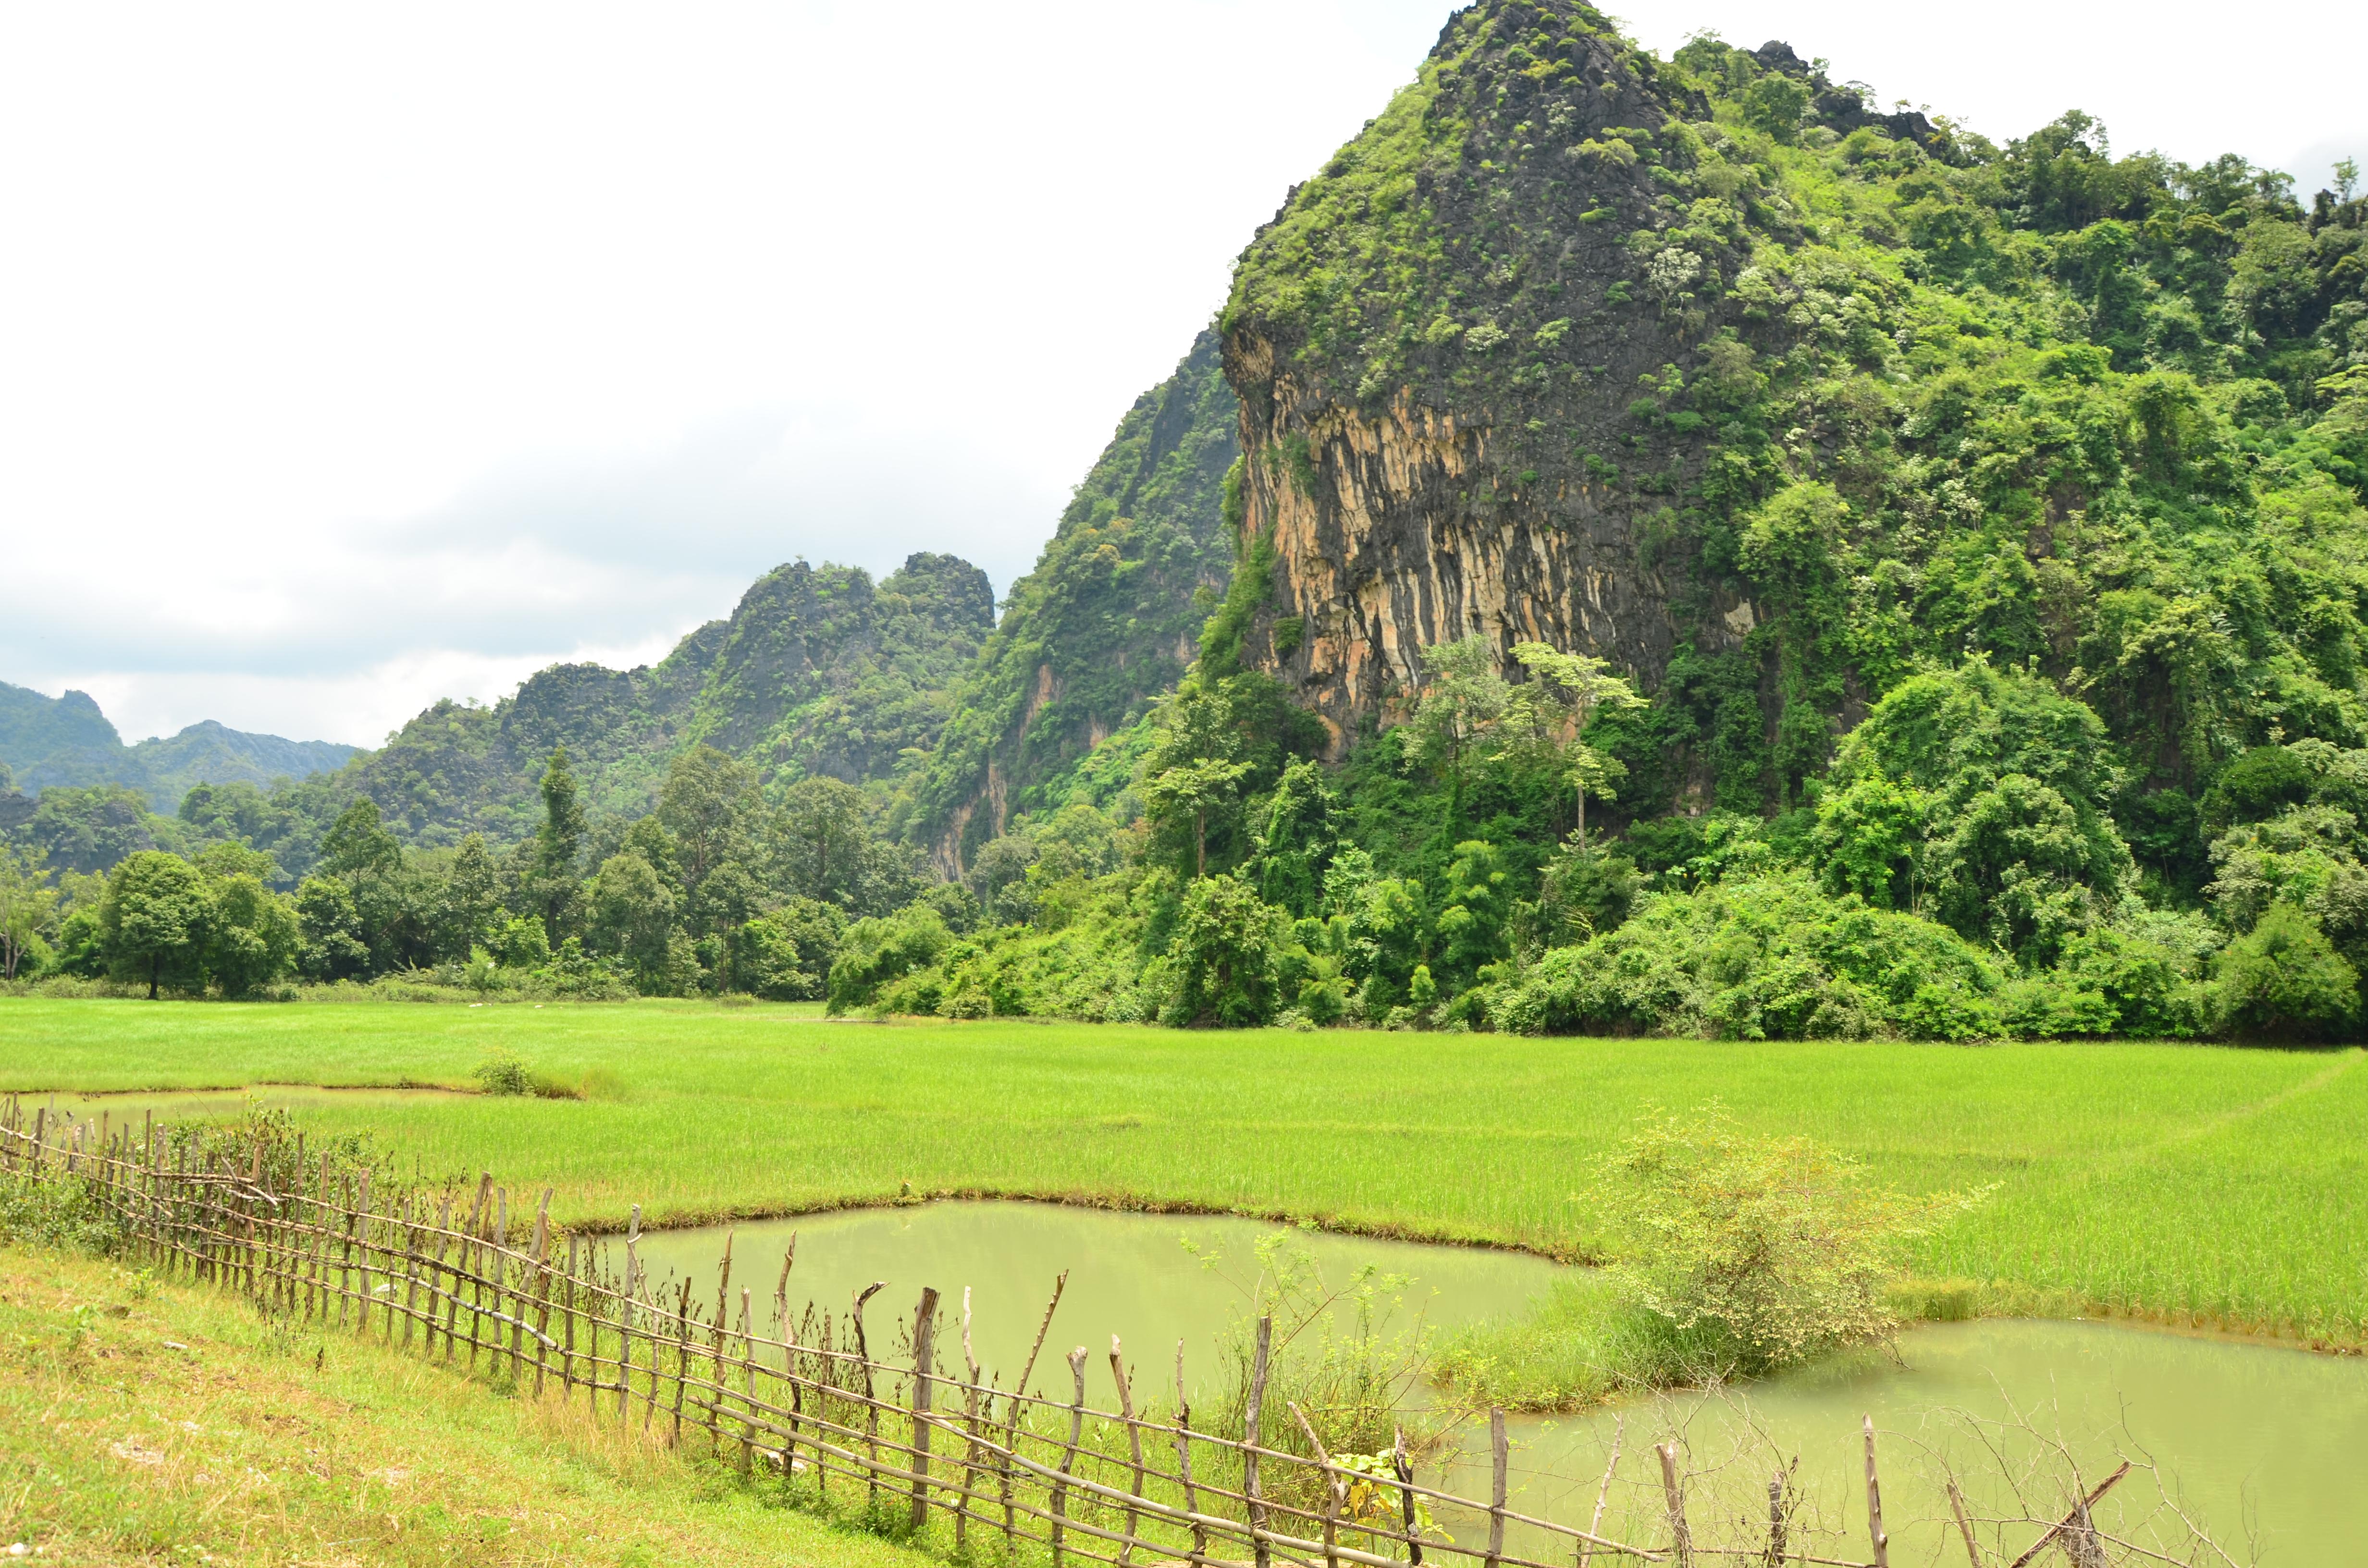 Alrededores de Tha Khaek